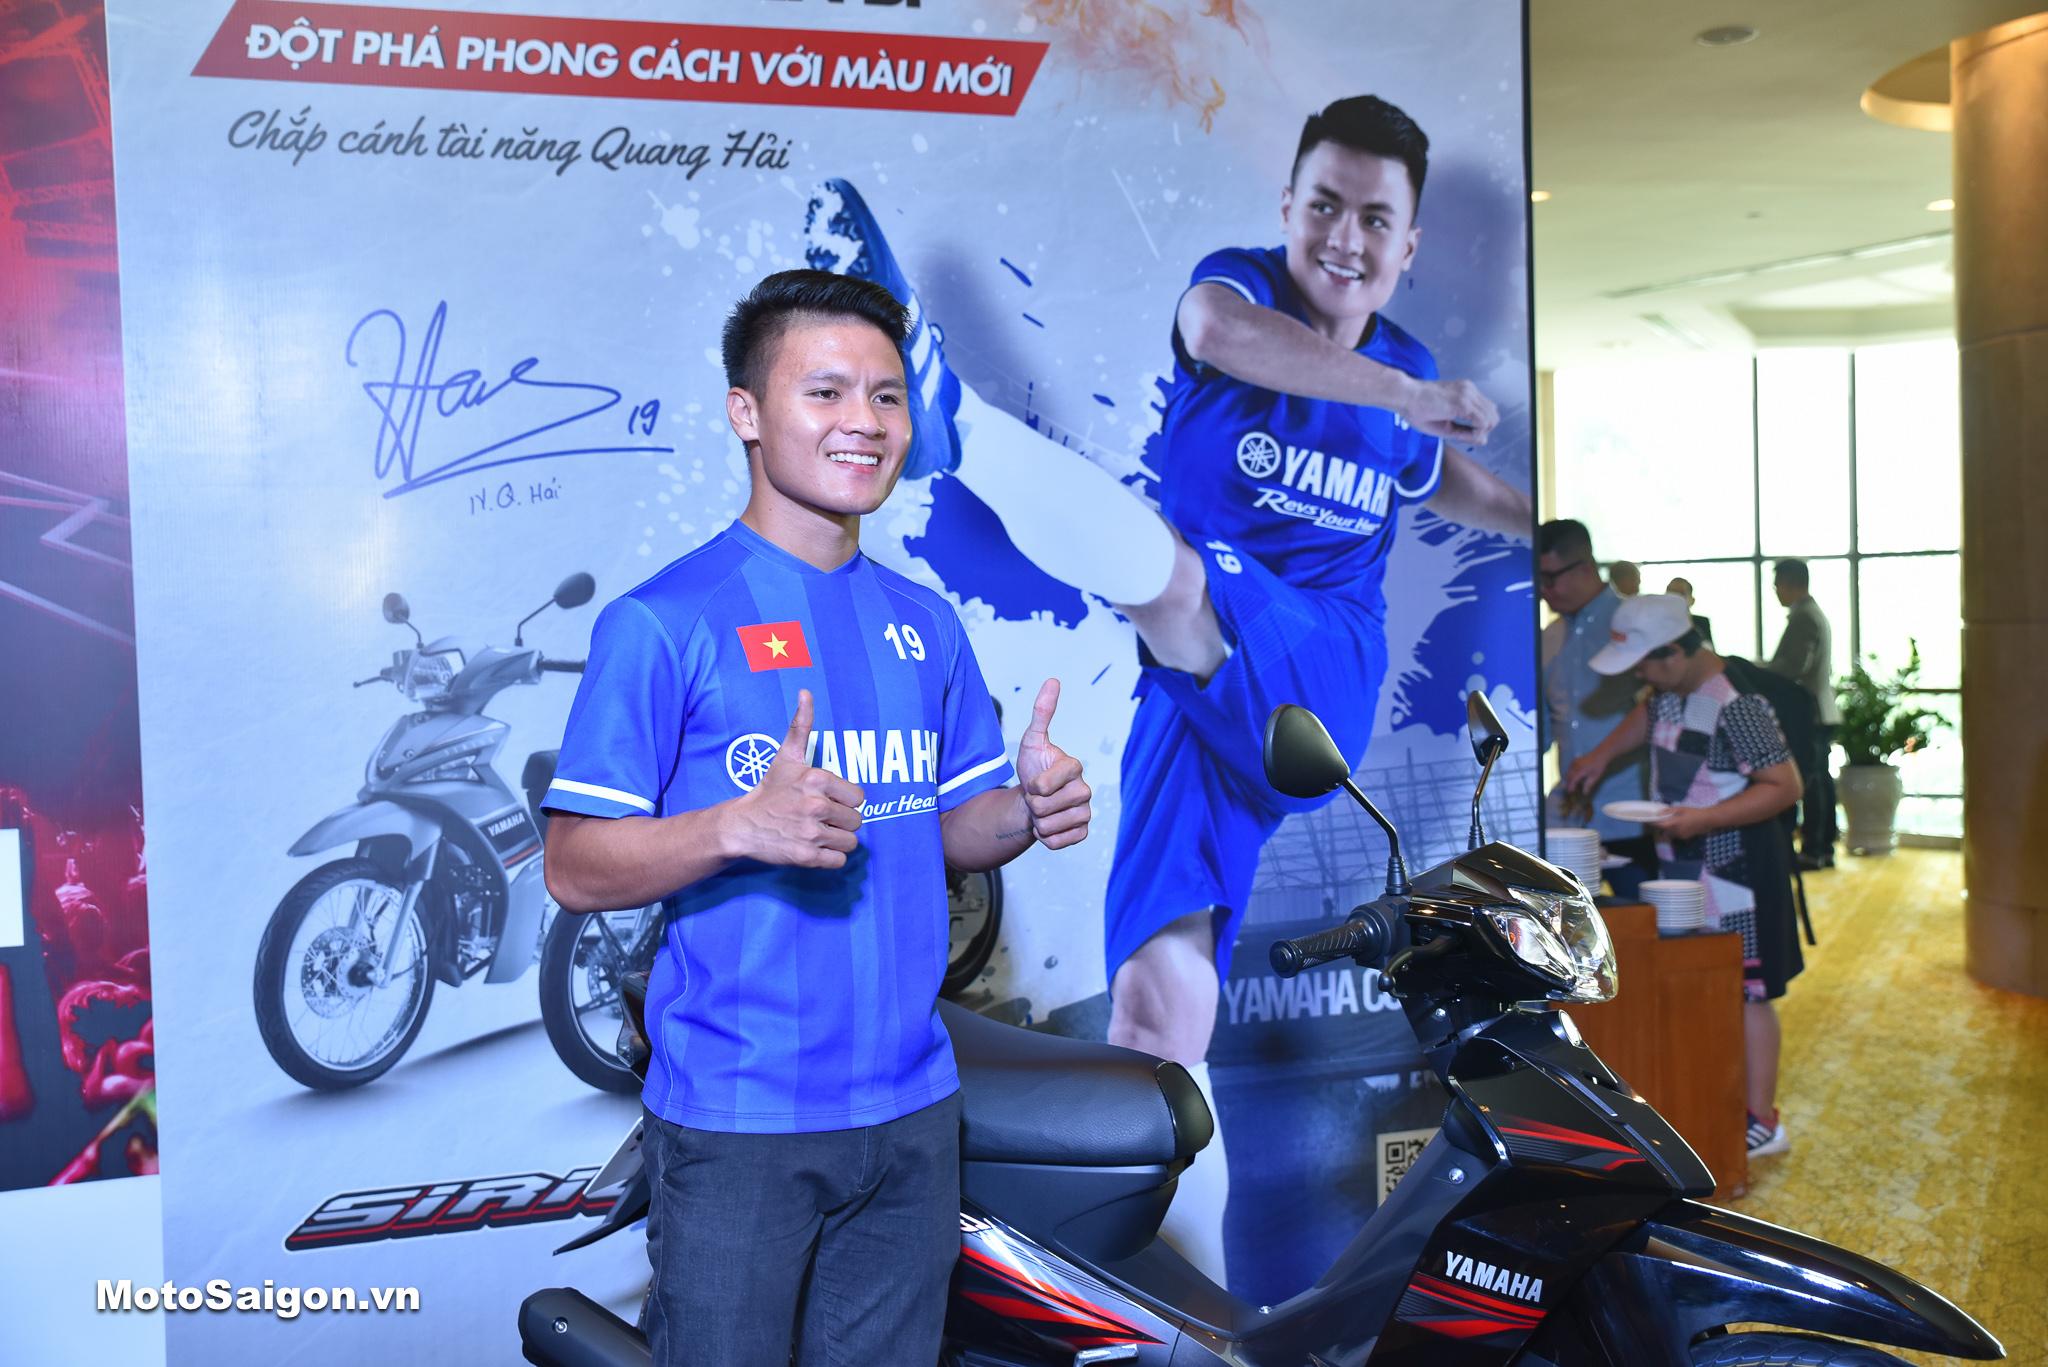 Cầu thủ Quang Hải Đội tuyển bóng đá quốc gia Việt Nam